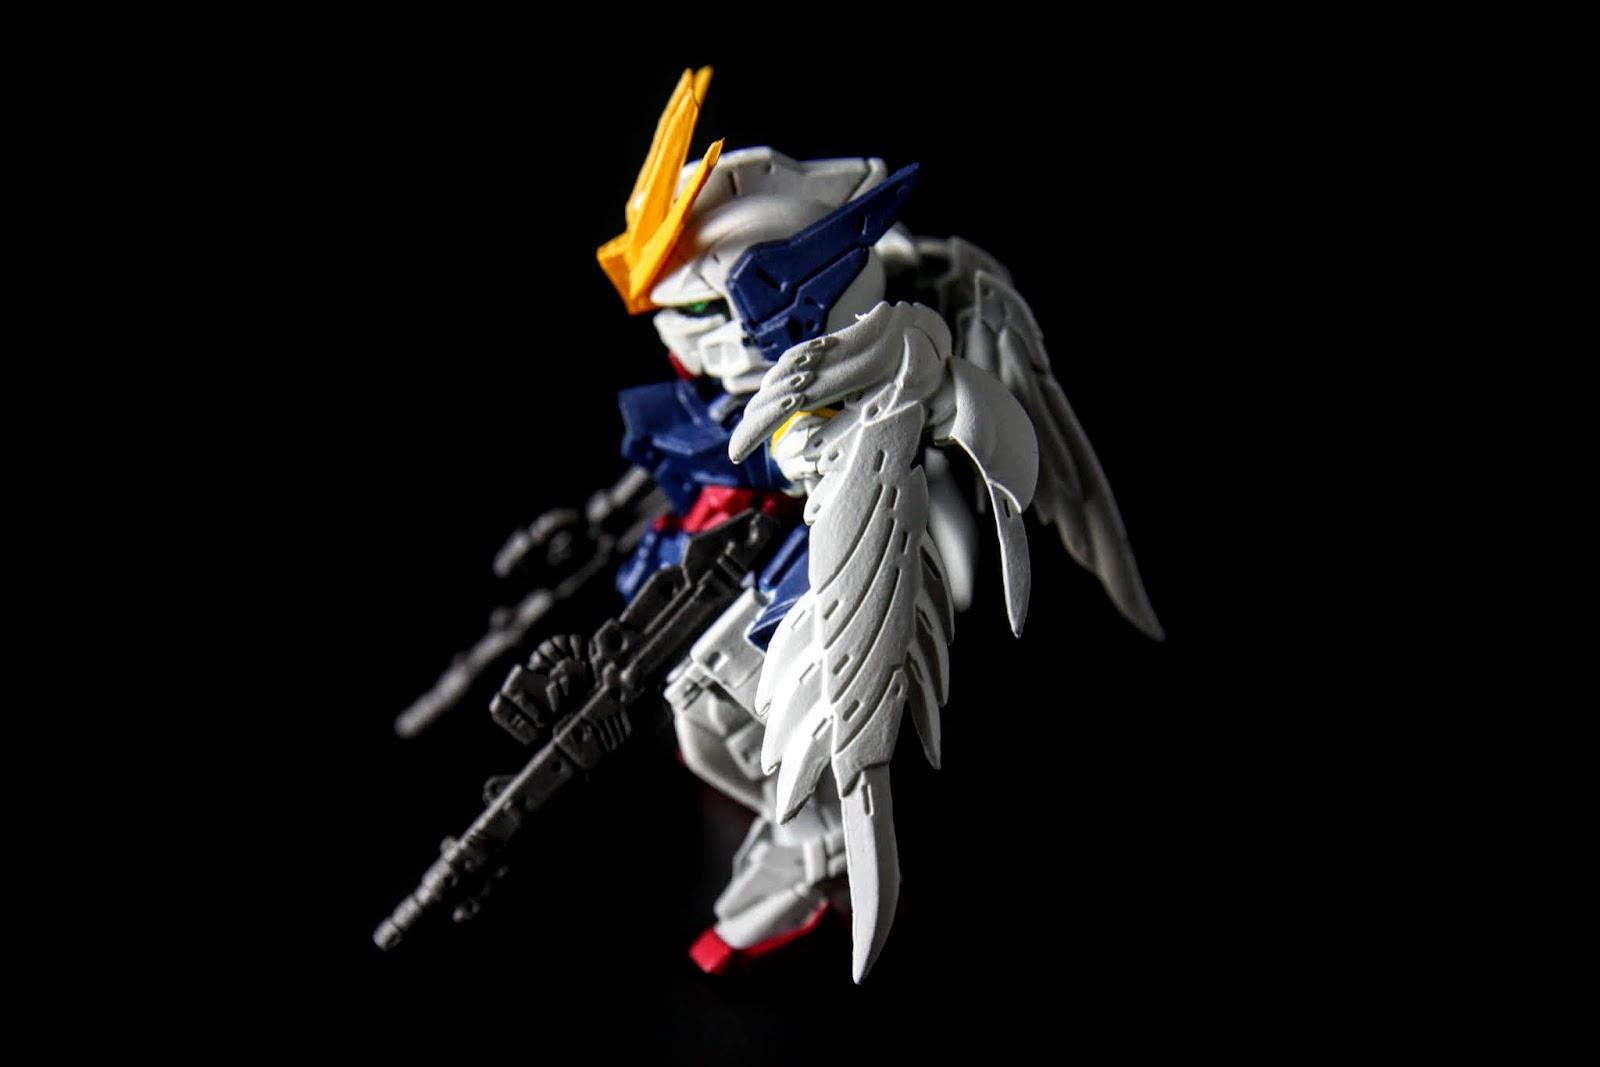 初次登場是第10彈, 俗稱天使鋼彈的他~一直是人氣榜的常客